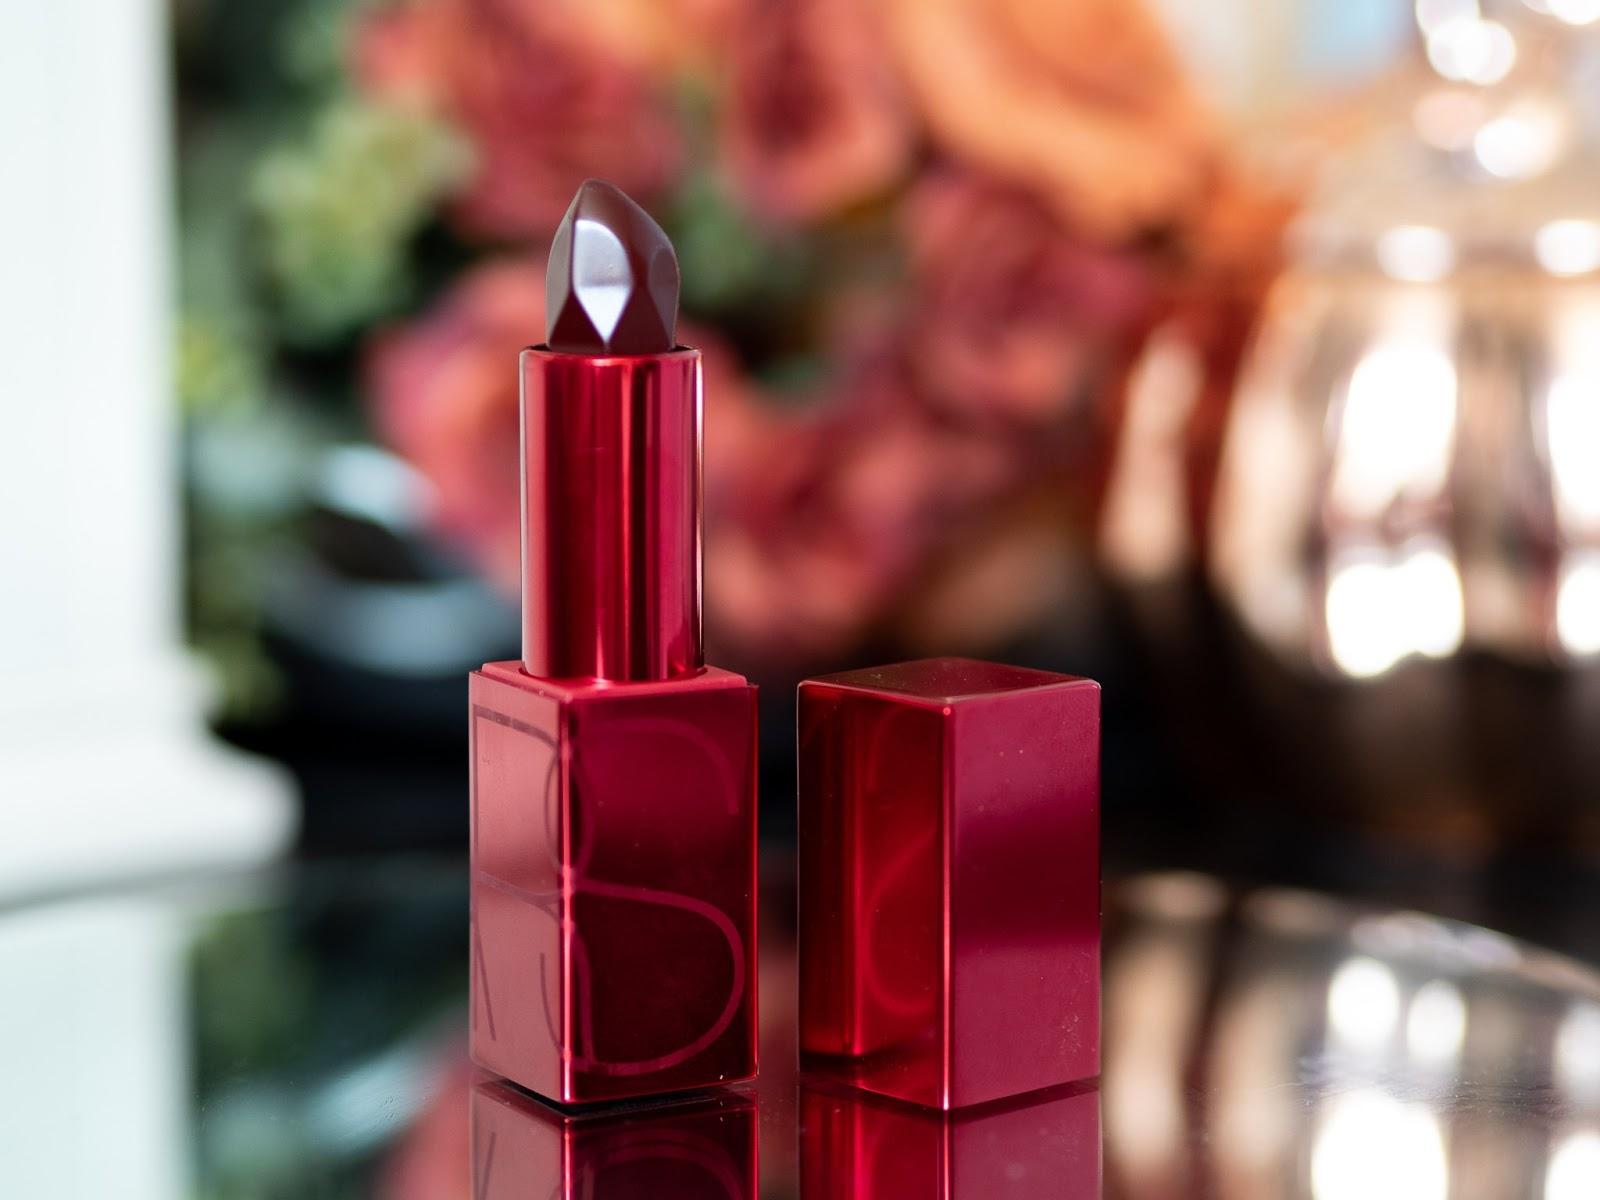 NARS Siouxsie Lipstick